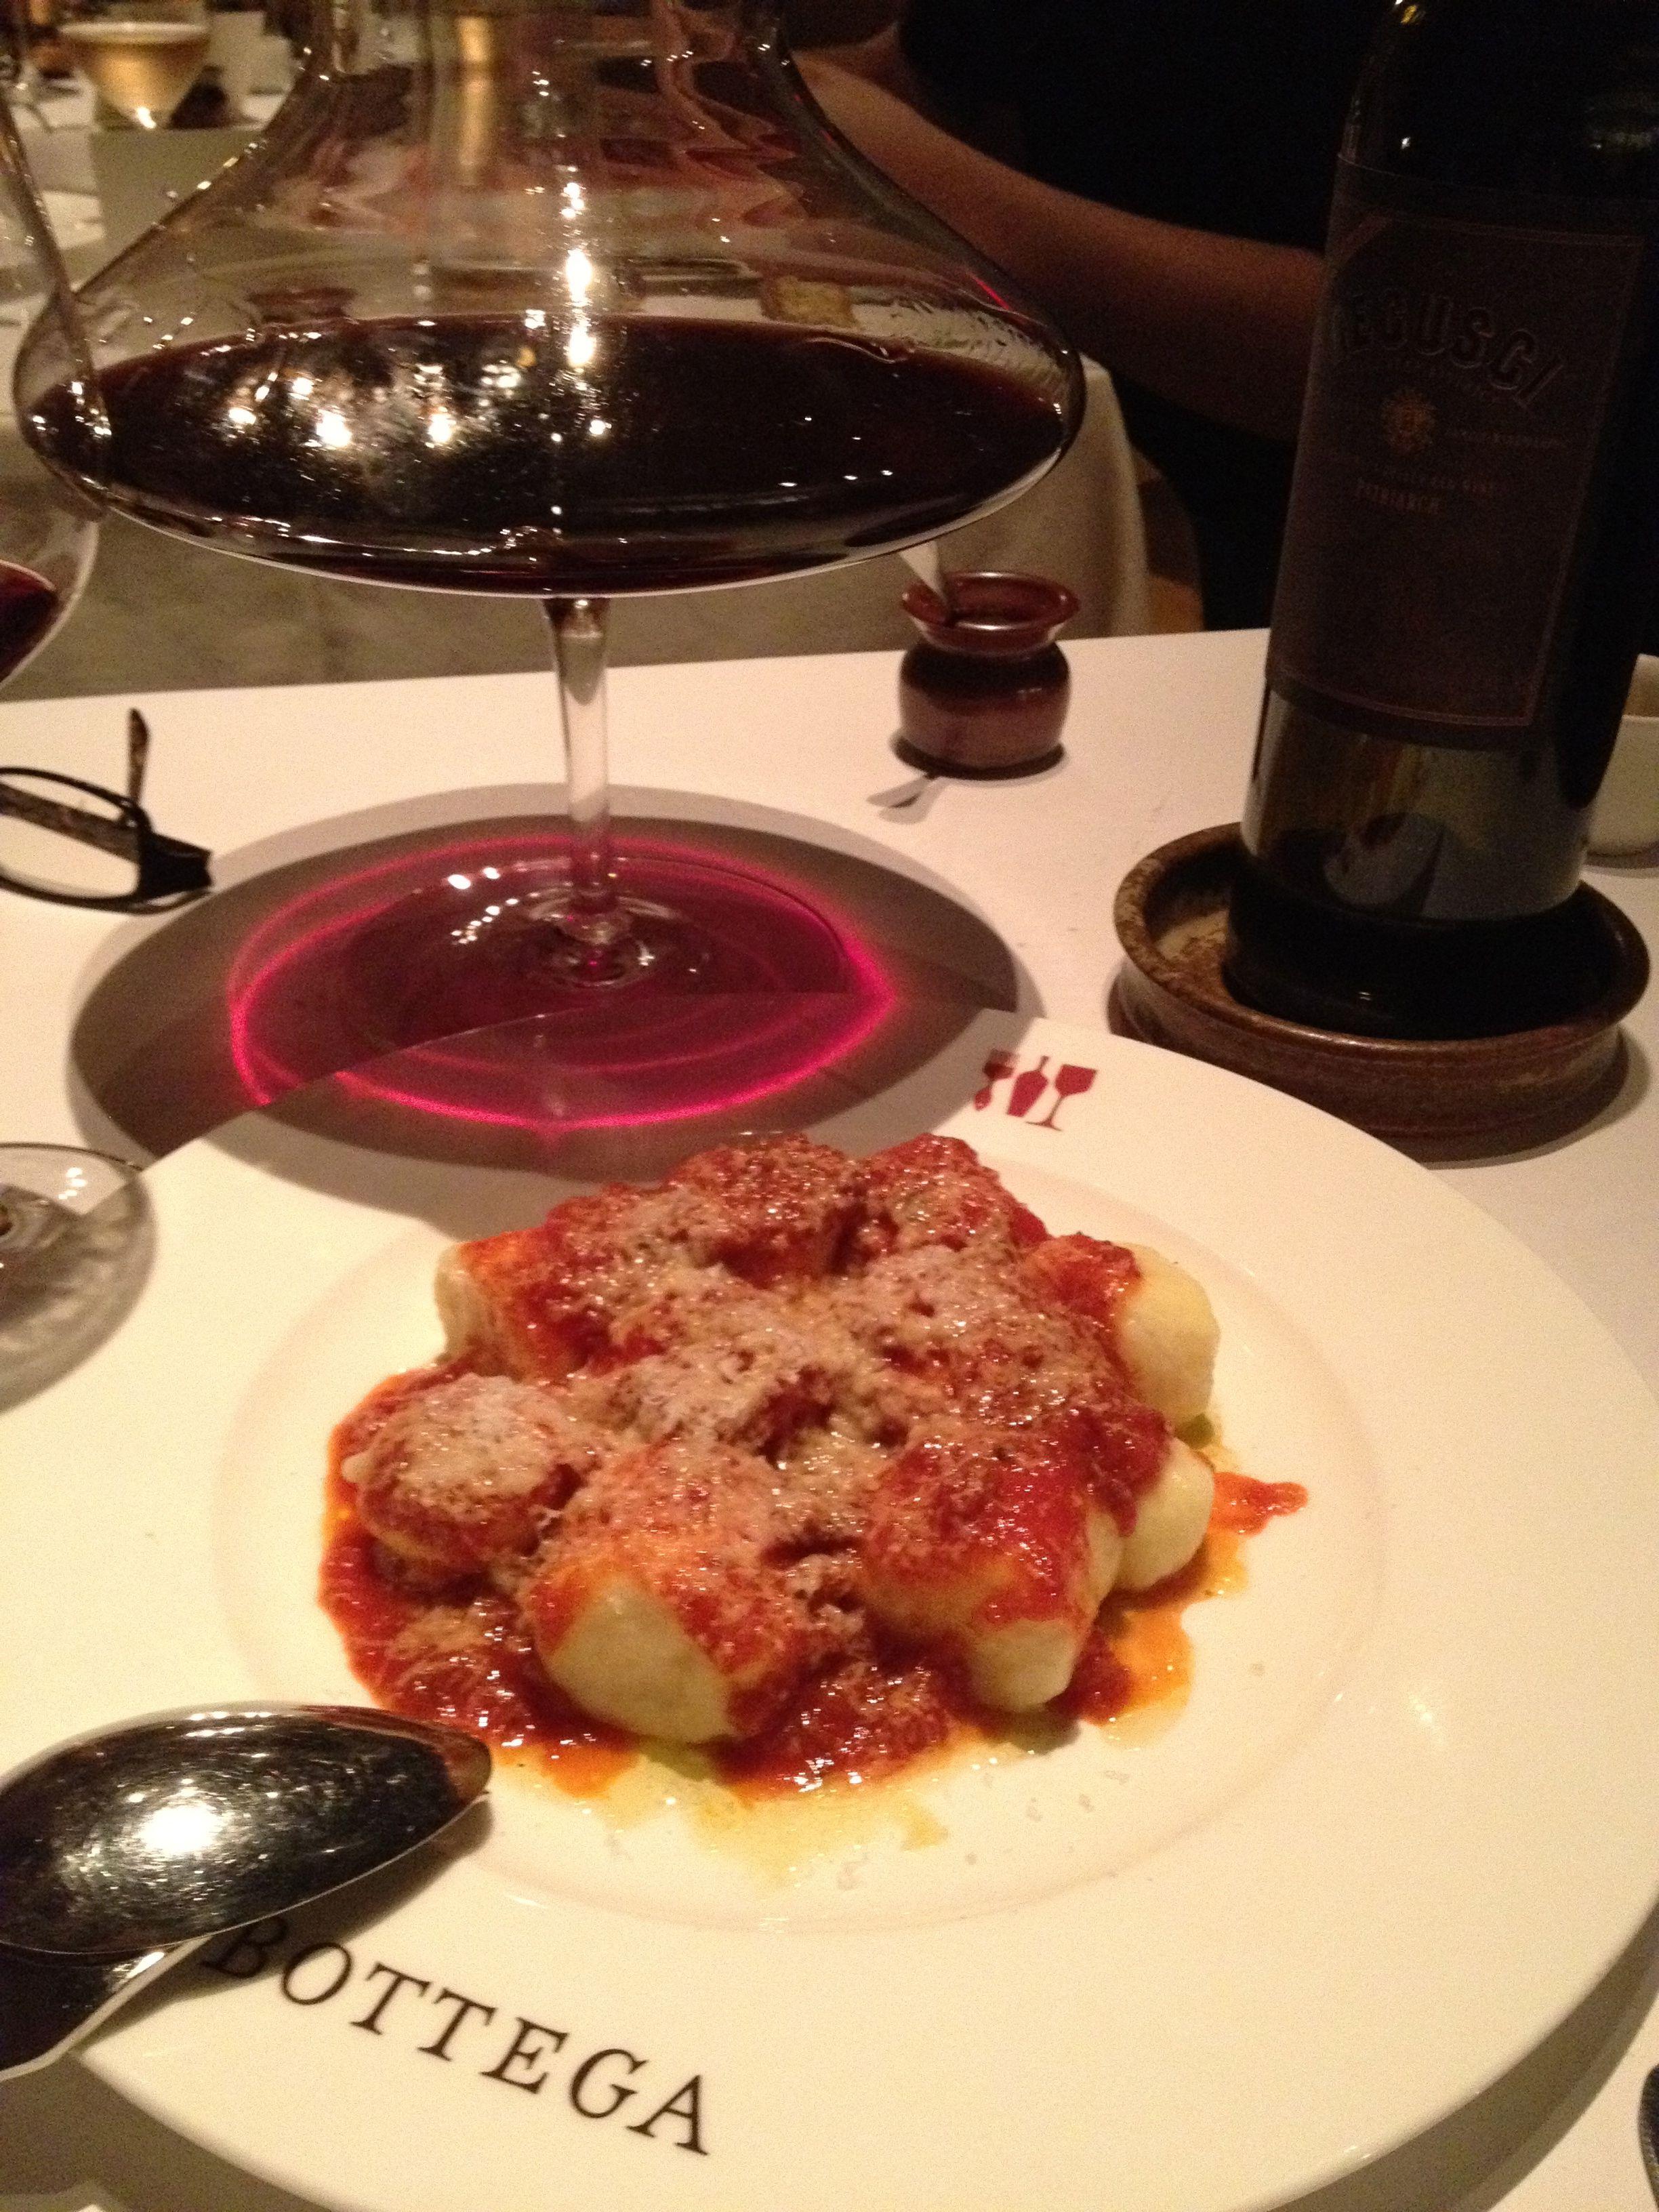 My favorite gnocchi, Bottega style.